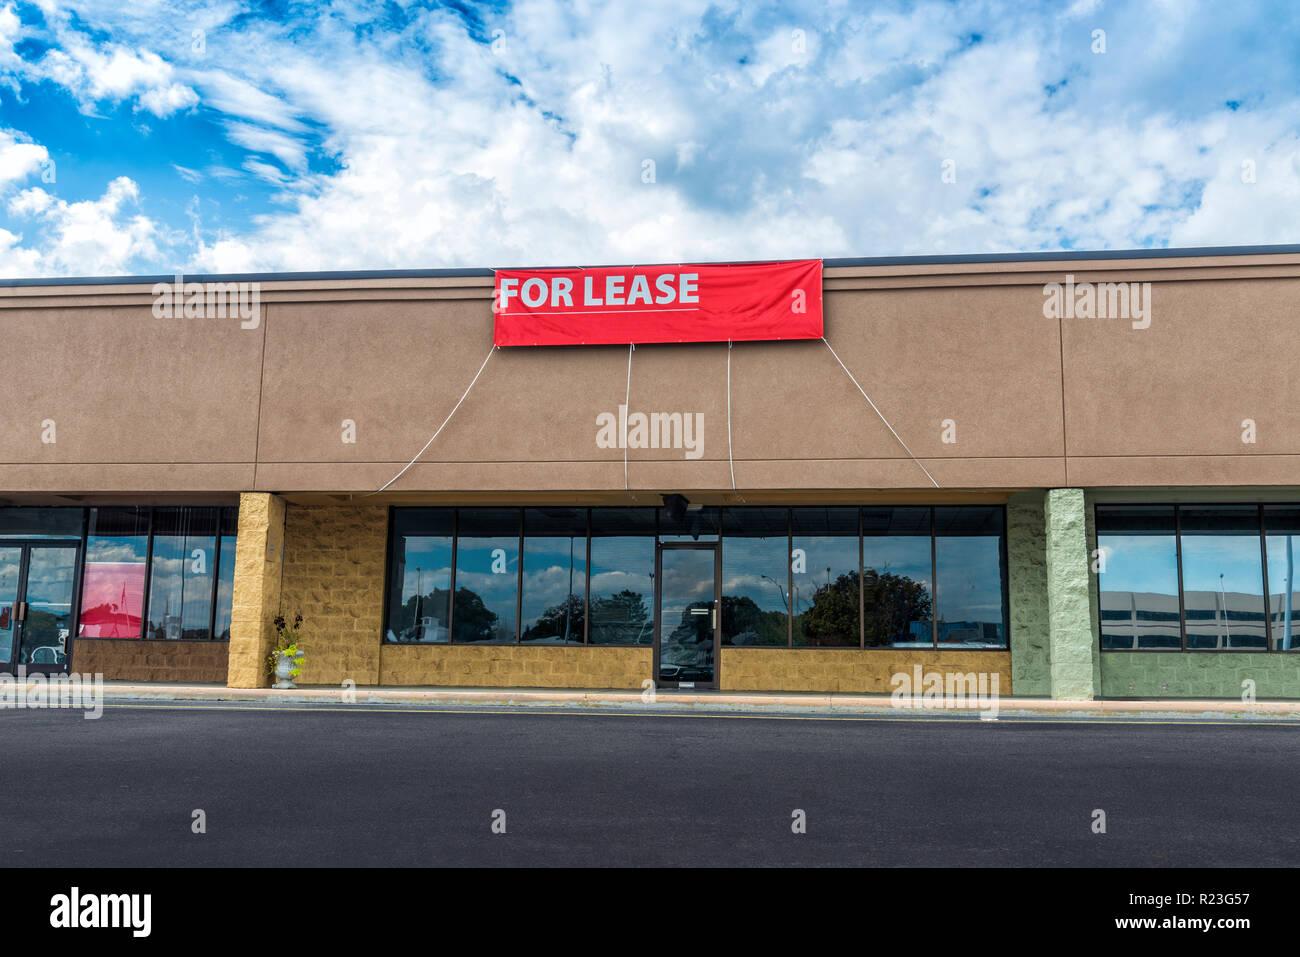 Sevierville, TN / Stati Uniti - 15 Ottobre 2018: Orizzontale shot della vendita al dettaglio lo spazio disponibile in un vecchio nastro shopping center sotto un azzurro cielo nuvoloso. Immagini Stock